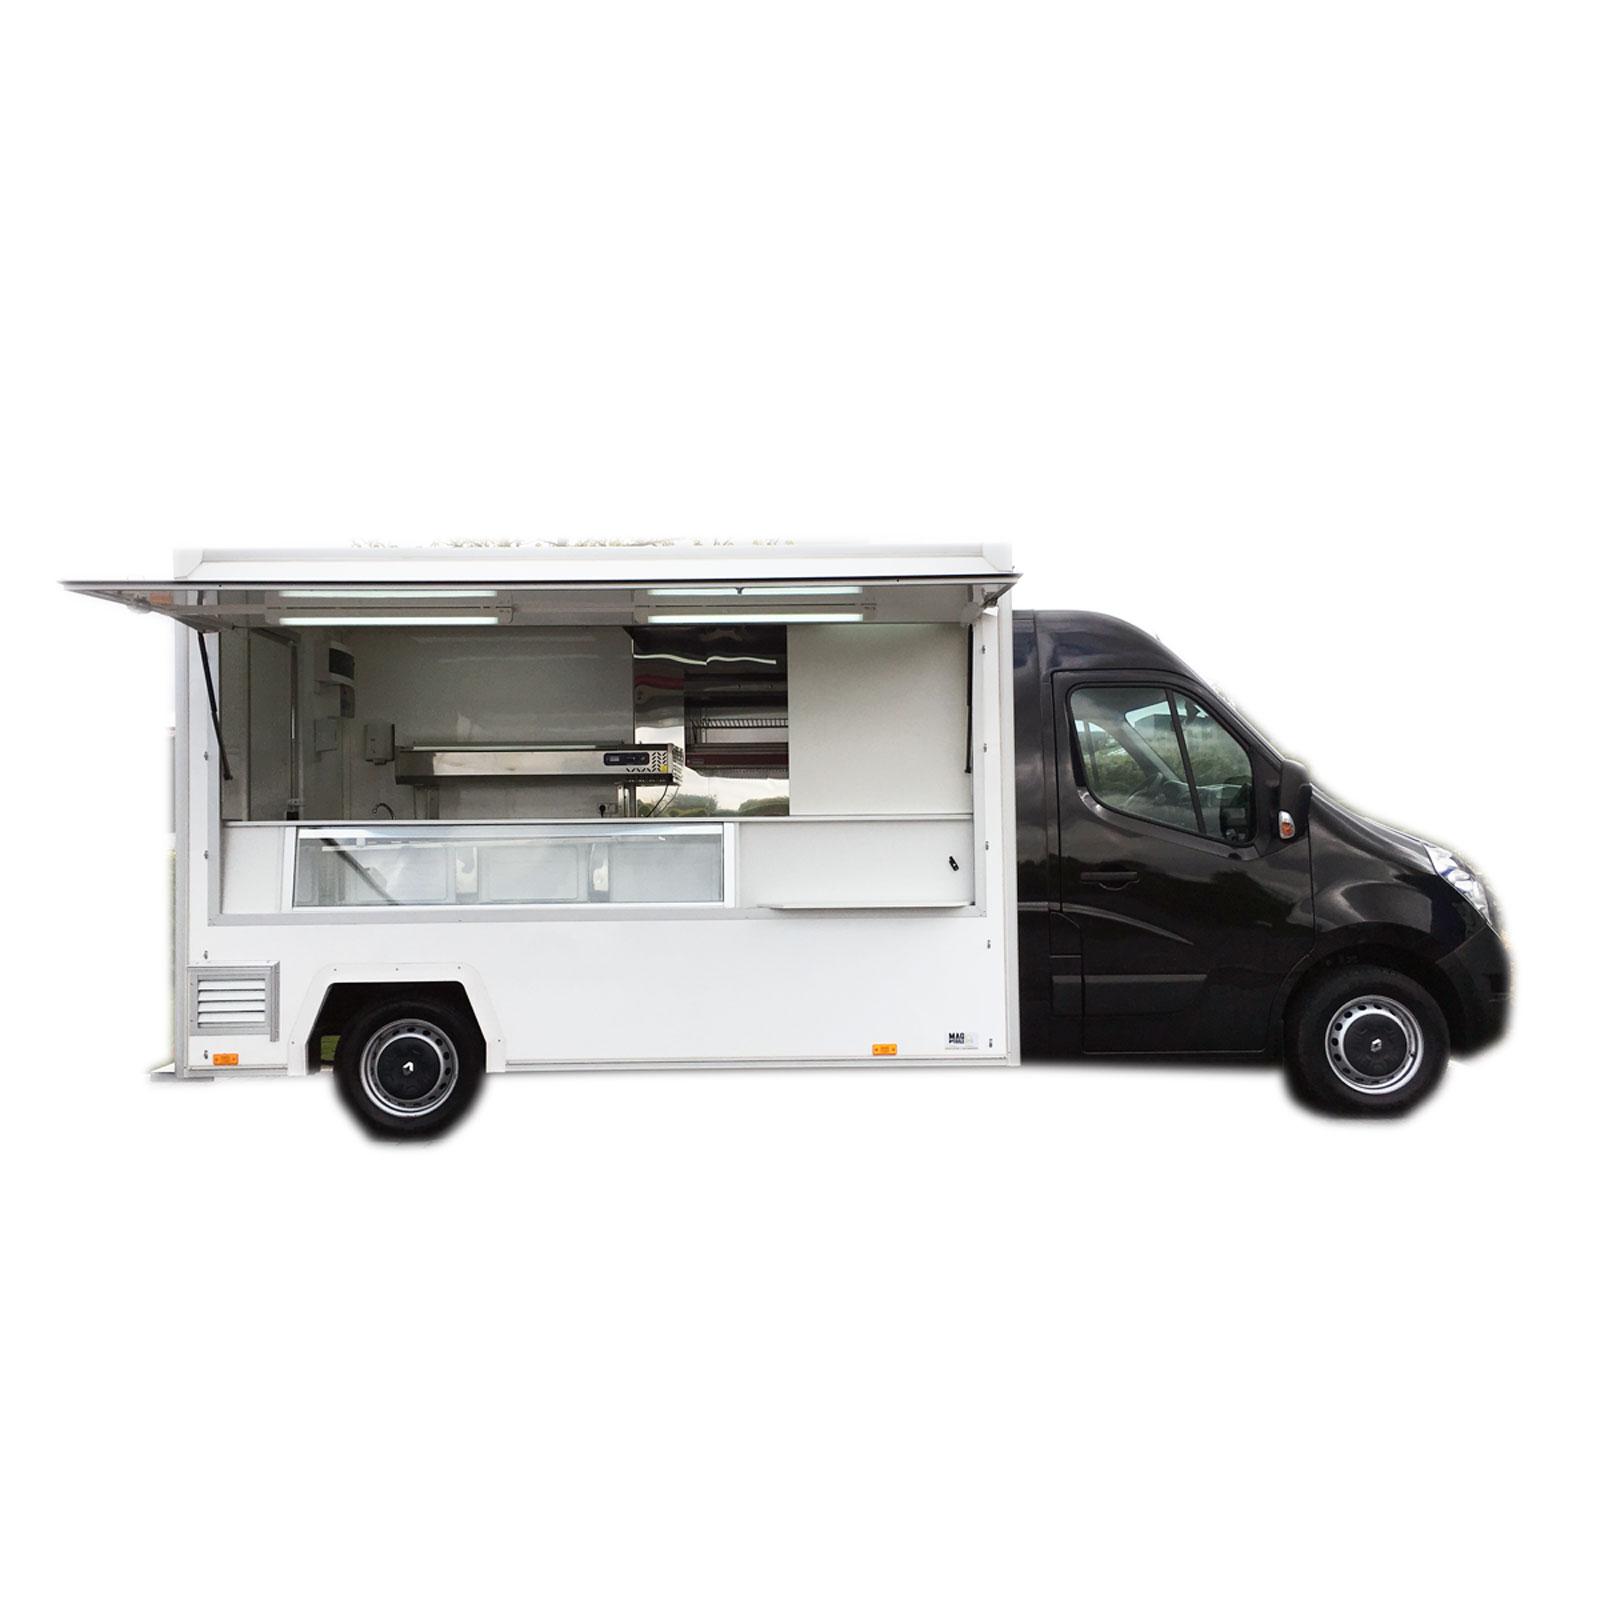 et hop un autre food truck sur la route bcc fabricant de camions magasins. Black Bedroom Furniture Sets. Home Design Ideas